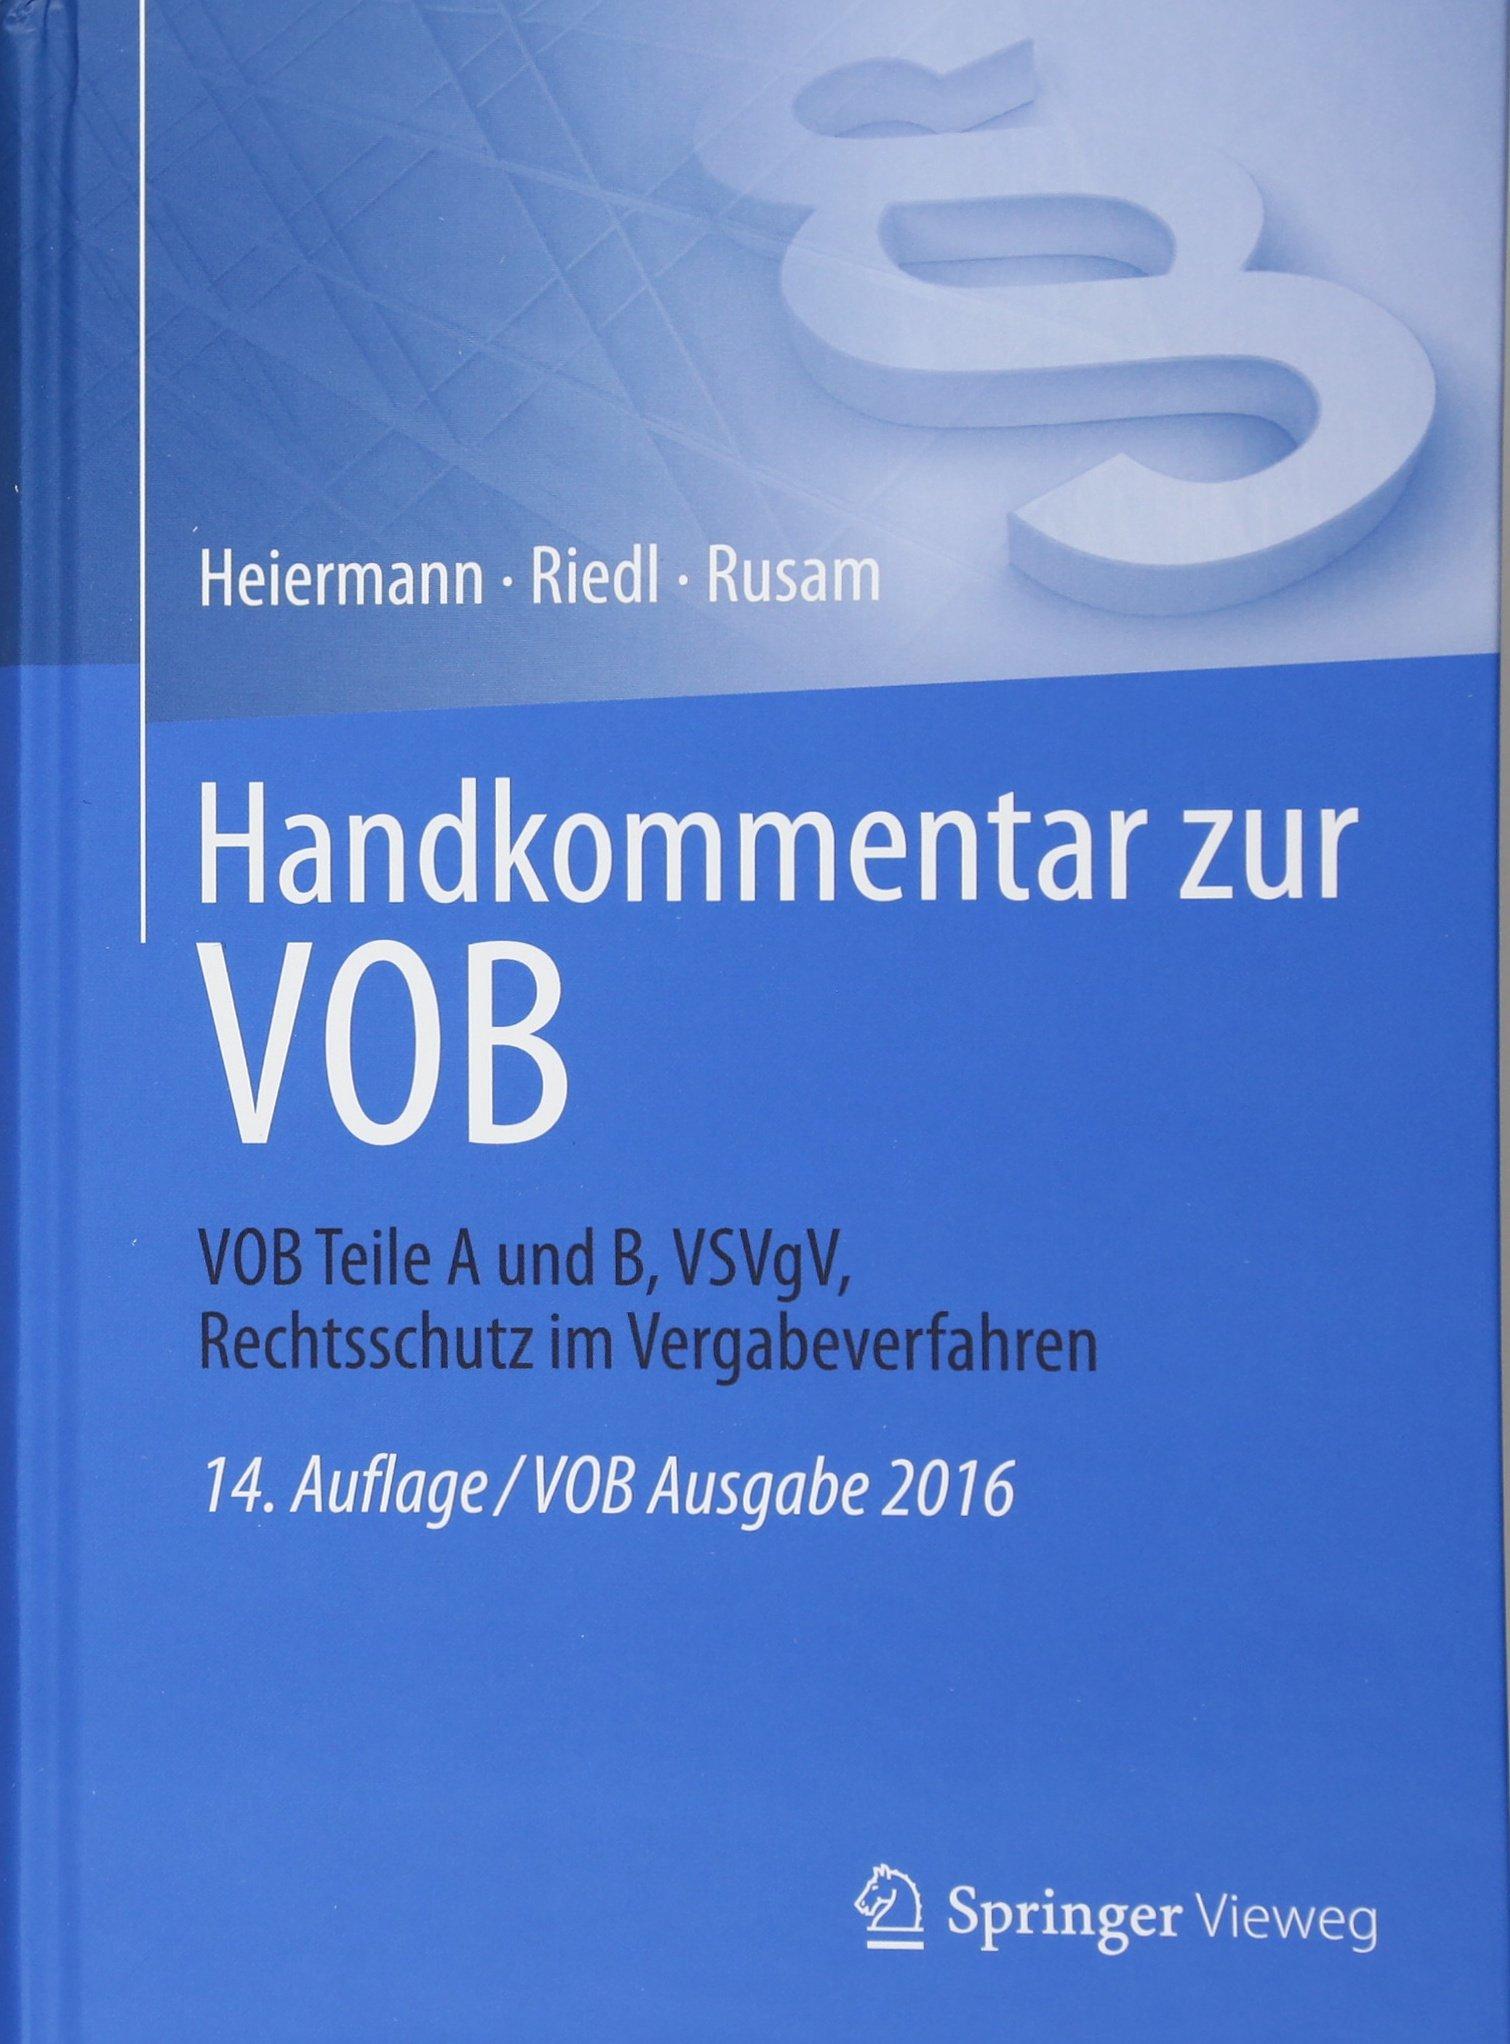 Handkommentar zur VOB: VOB Teile A und B, VSVgV, Rechtsschutz im Vergabeverfahren Gebundenes Buch – 17. November 2017 Wolfgang Heiermann Andrea Kullack Lutz Mansfeld Josef Bauer